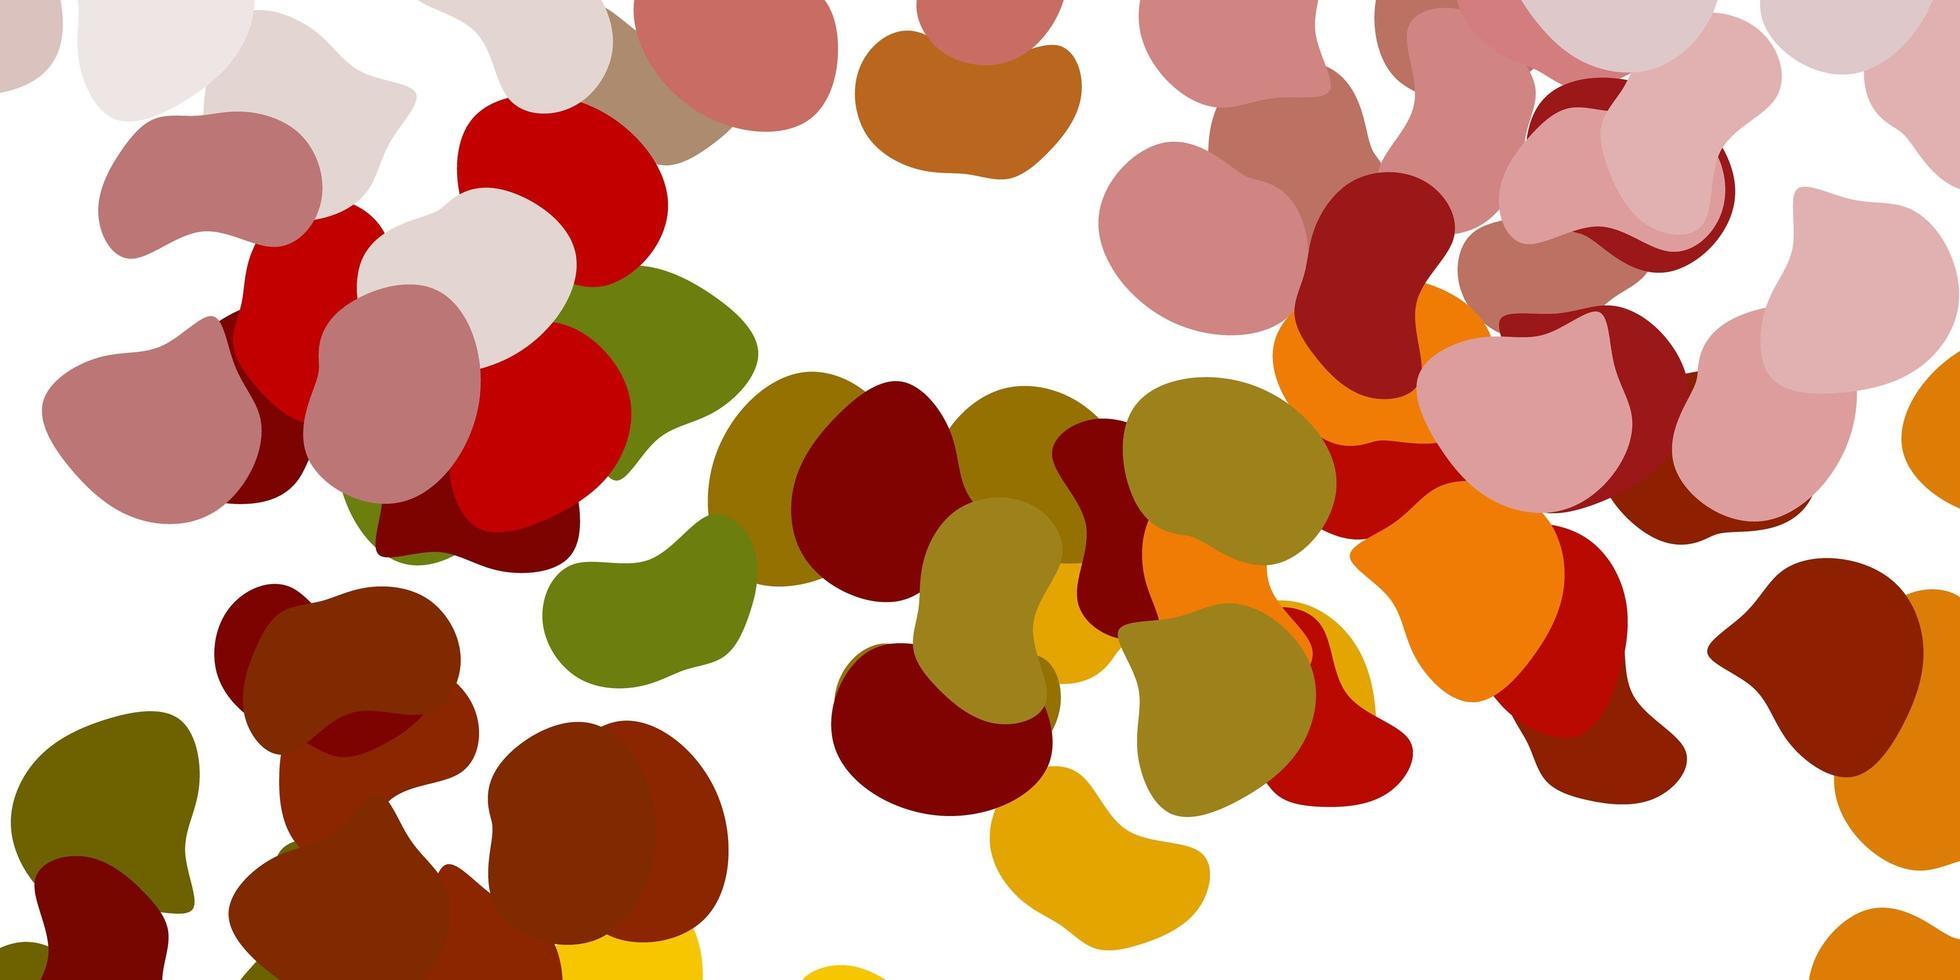 patrón de vector verde claro, amarillo con formas abstractas